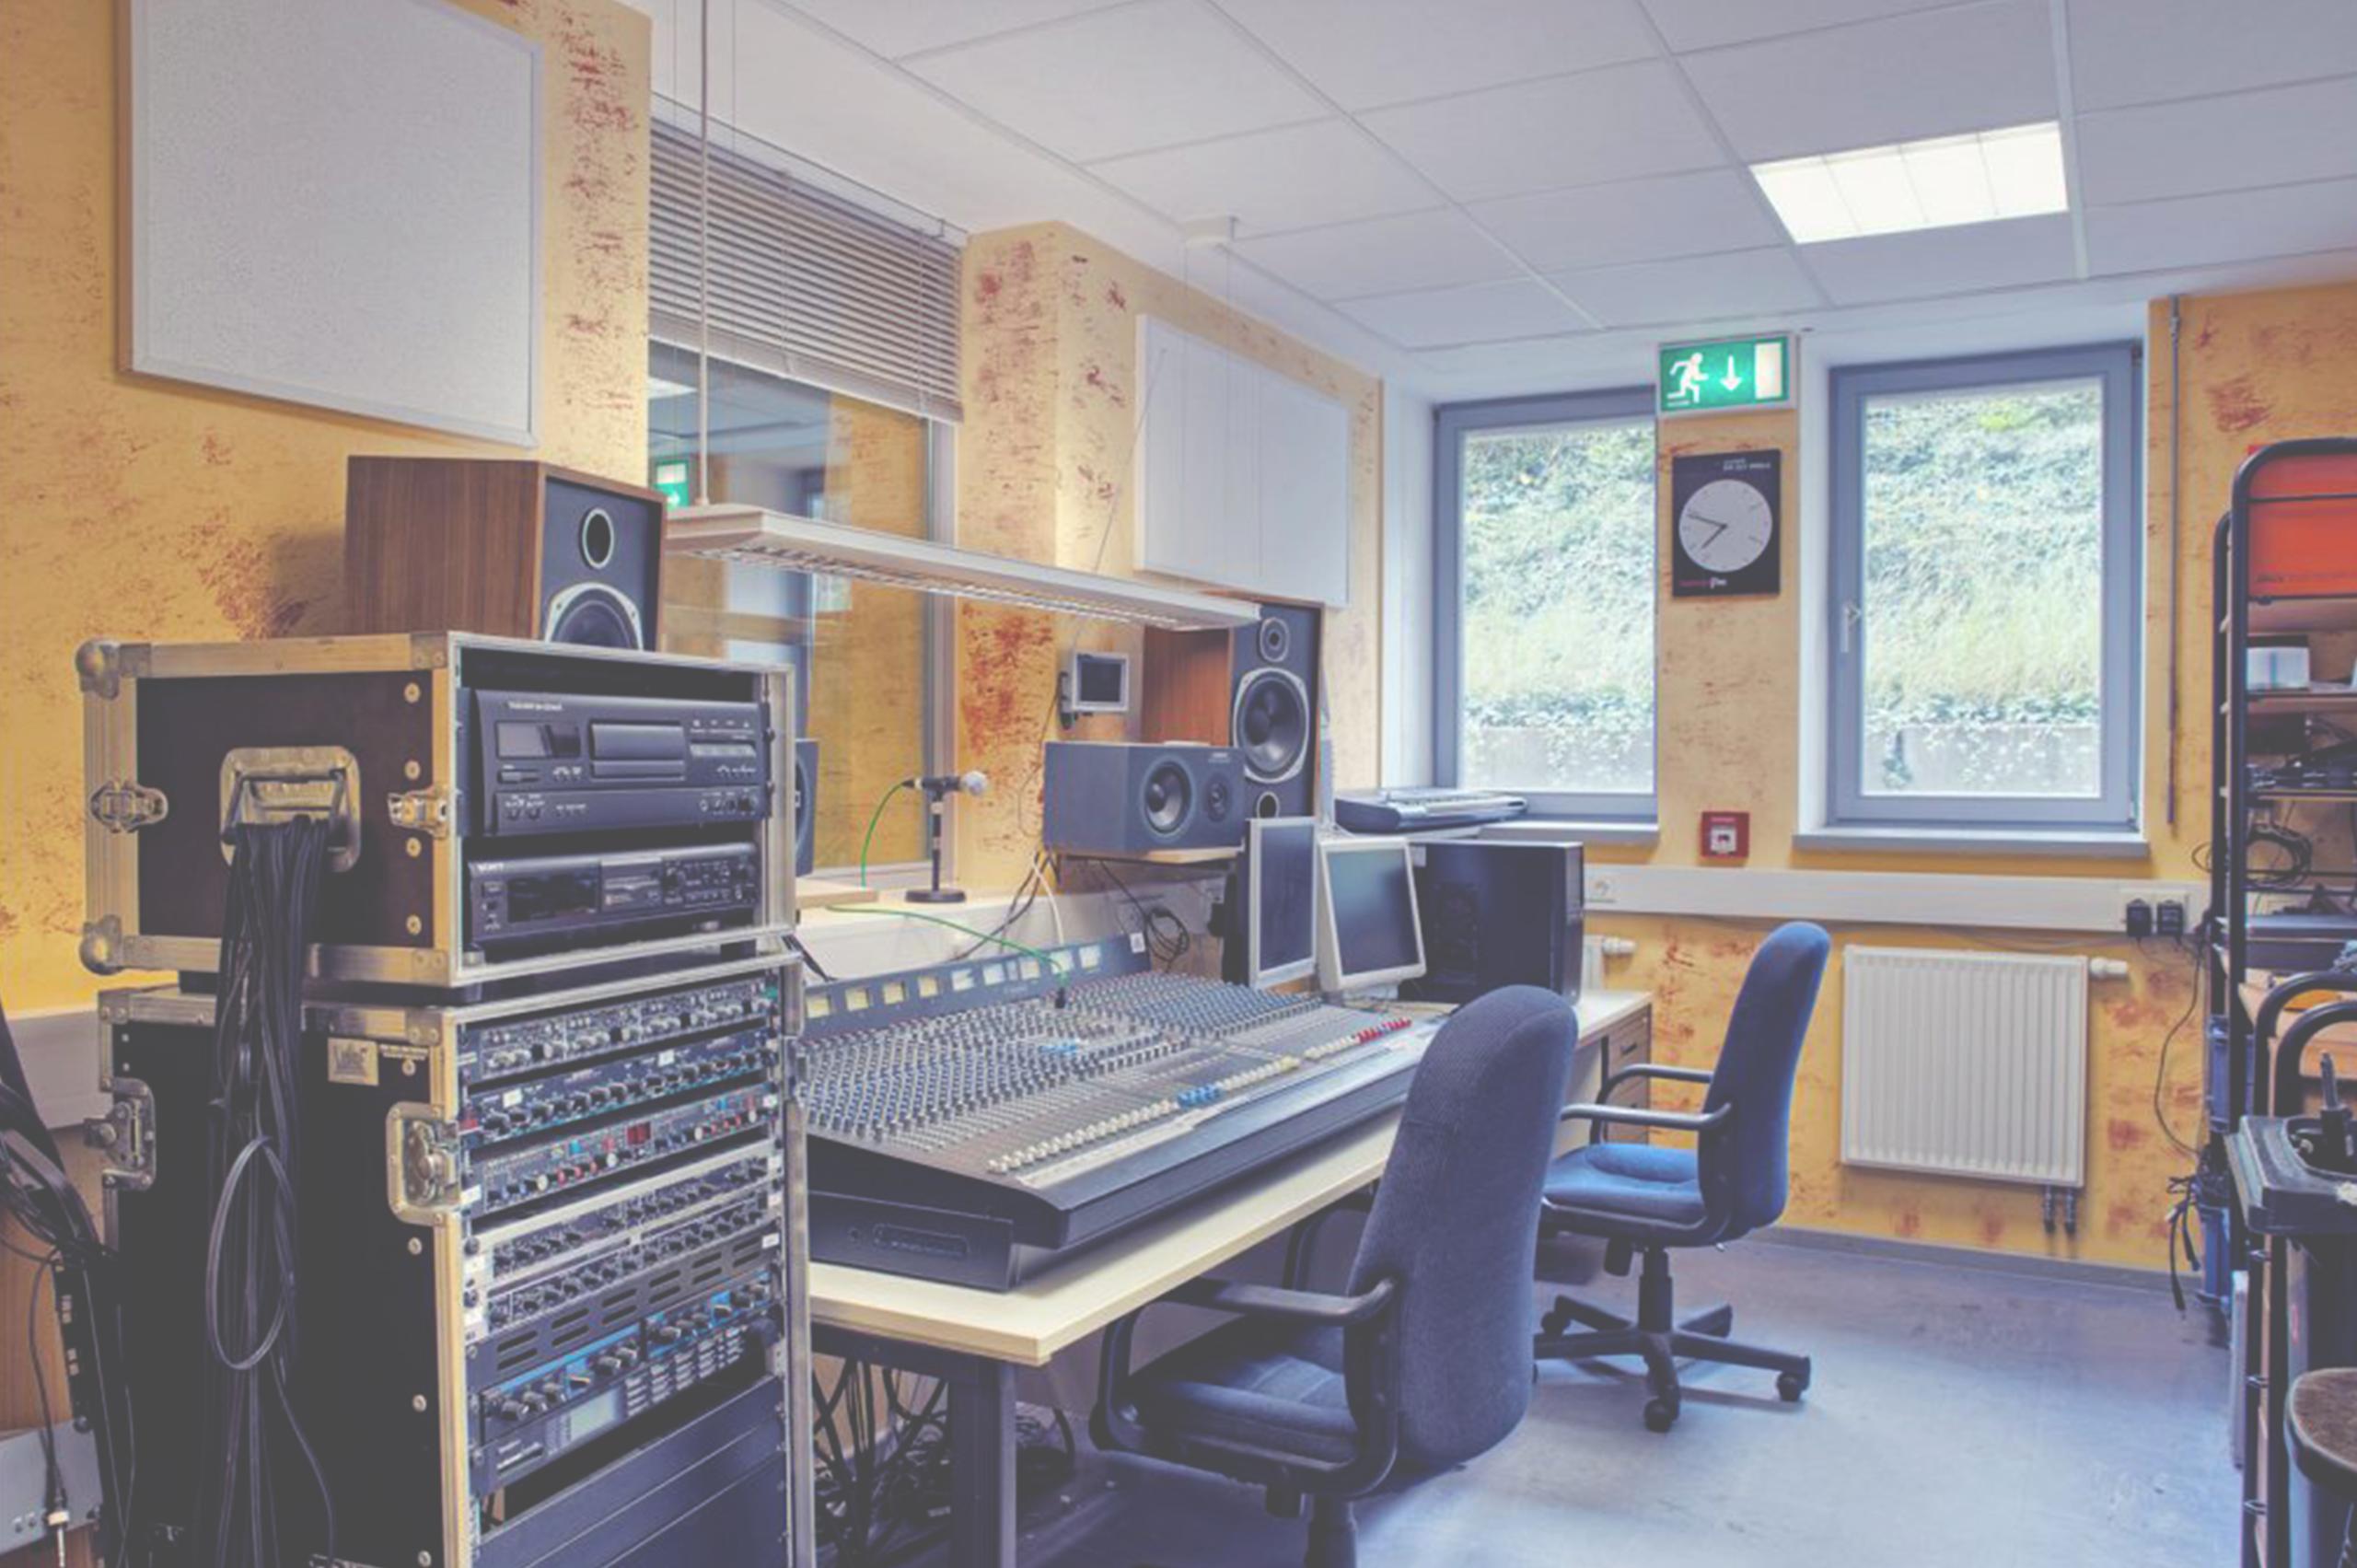 Foto des Tonstudios. Zwei Bürostühle und ein großes Mischpult.